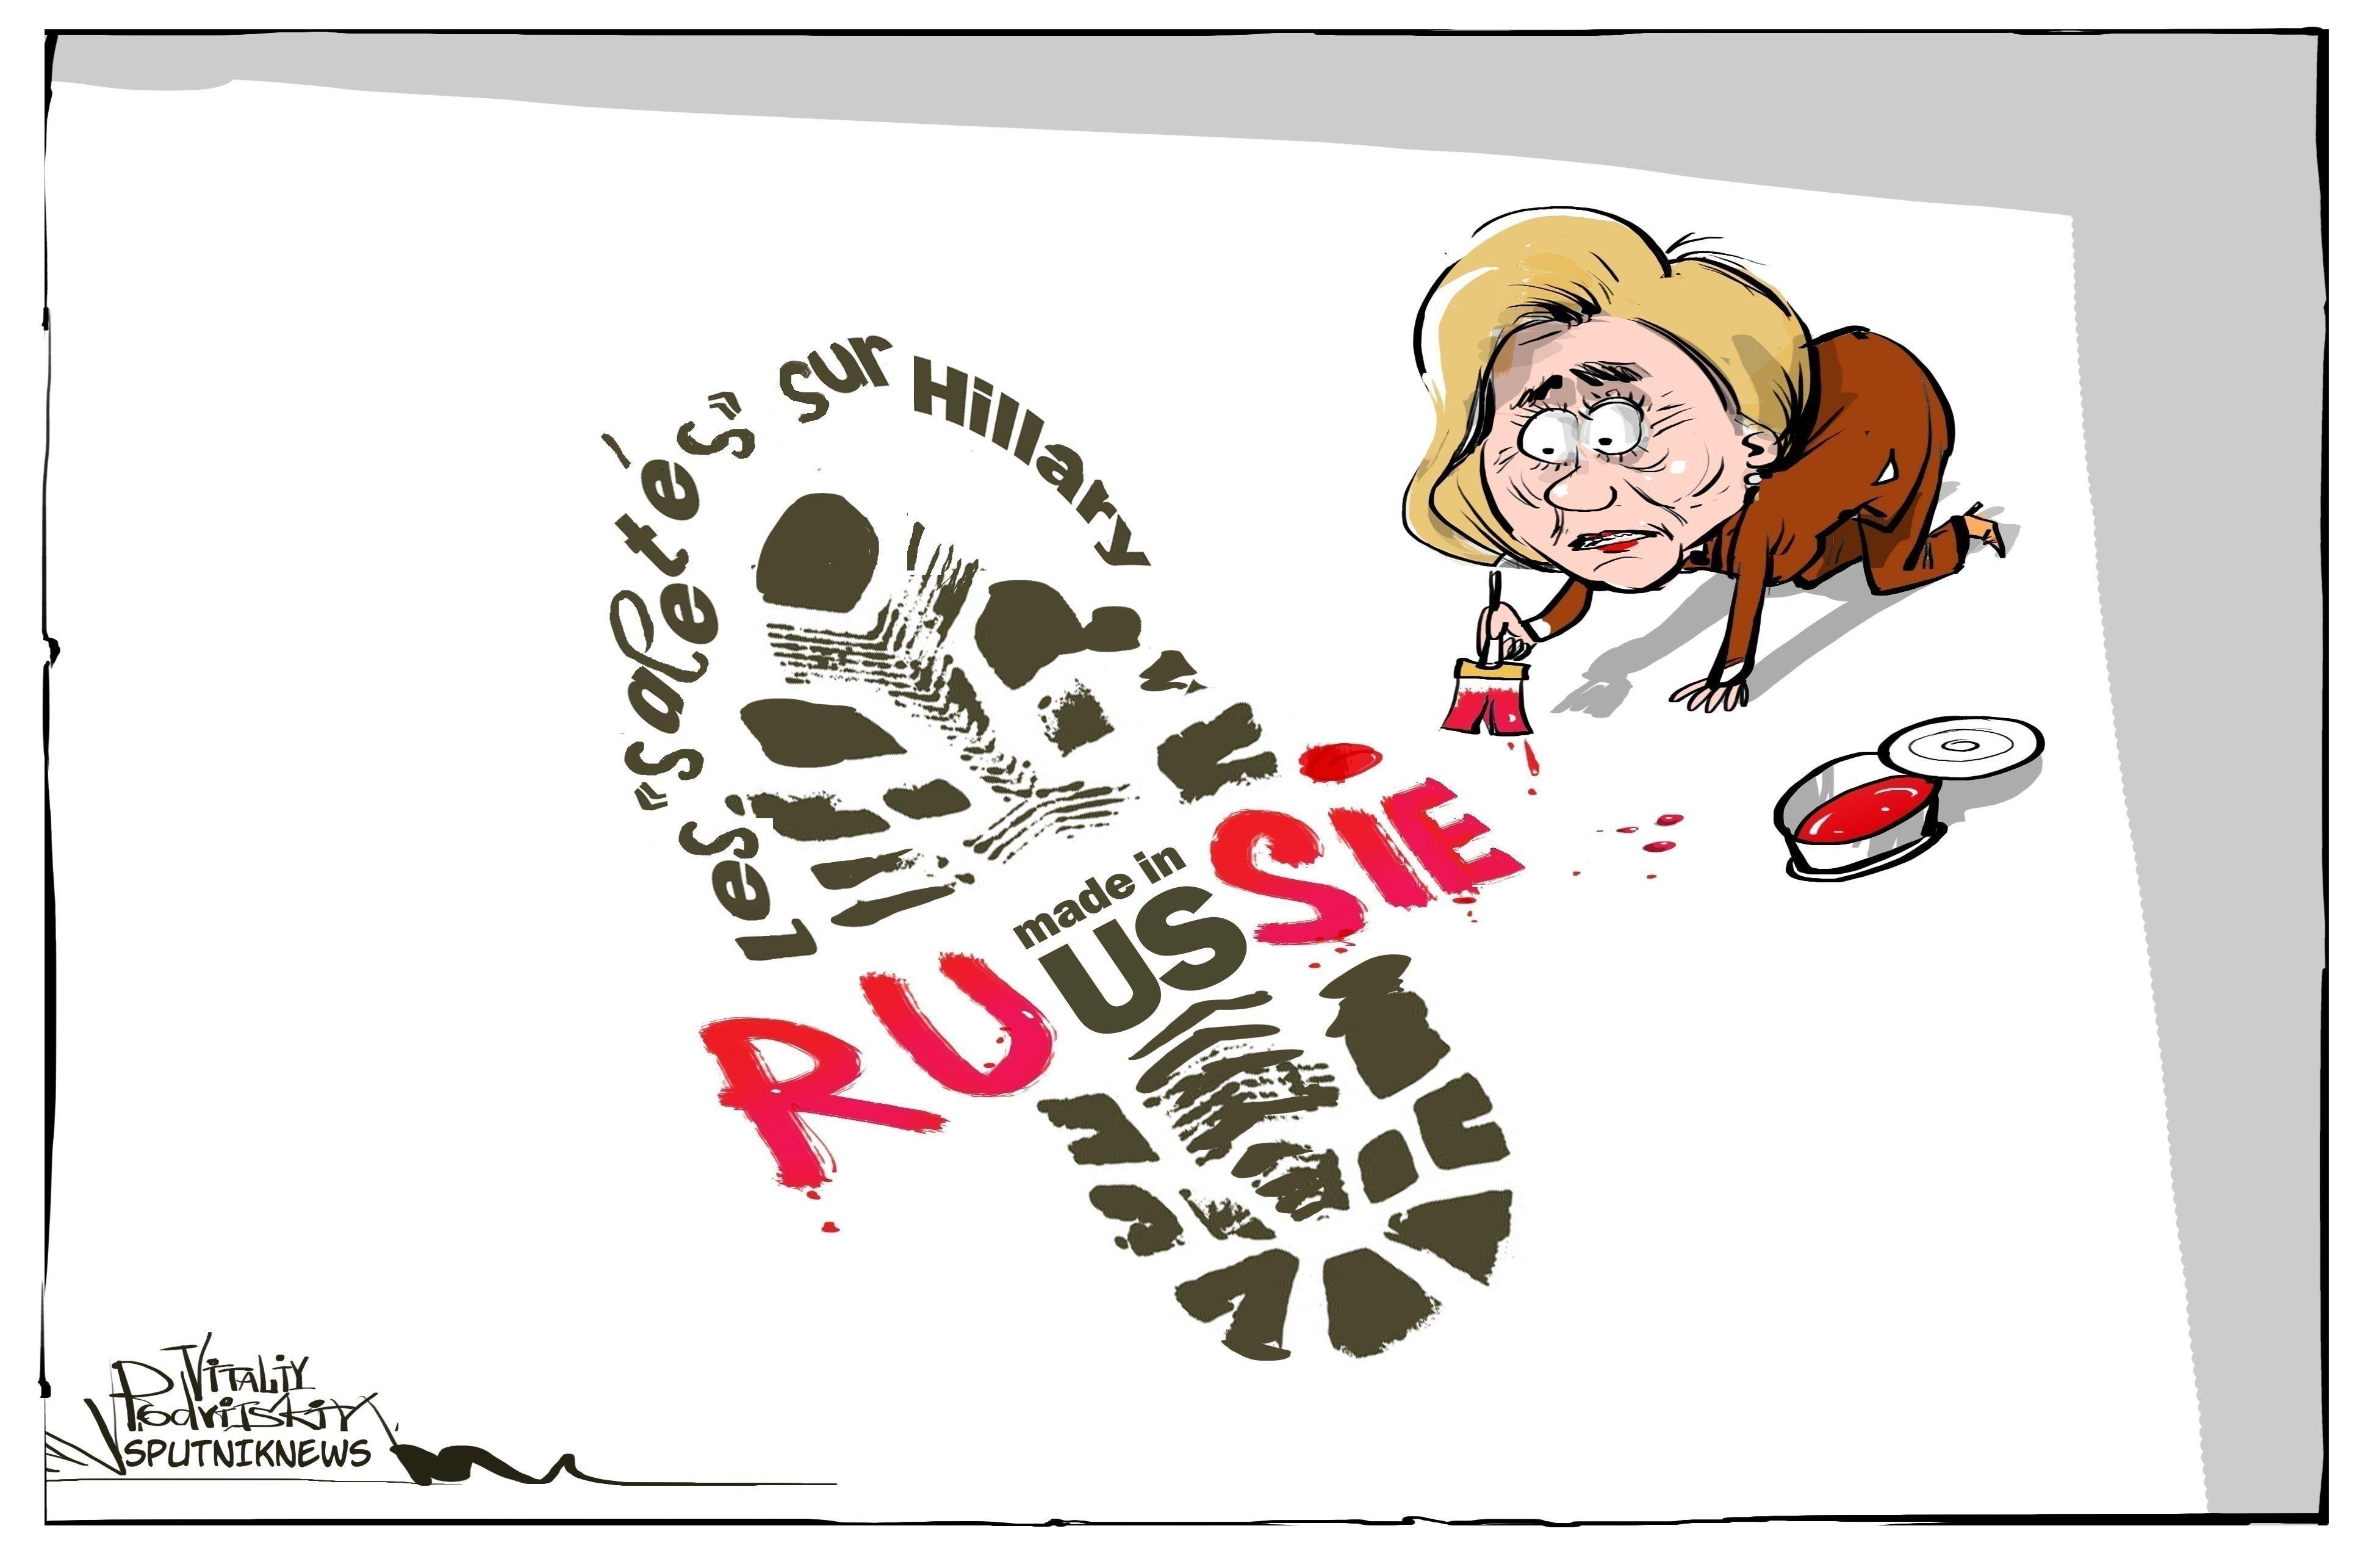 Les courriels de Clinton révélés par Washington?